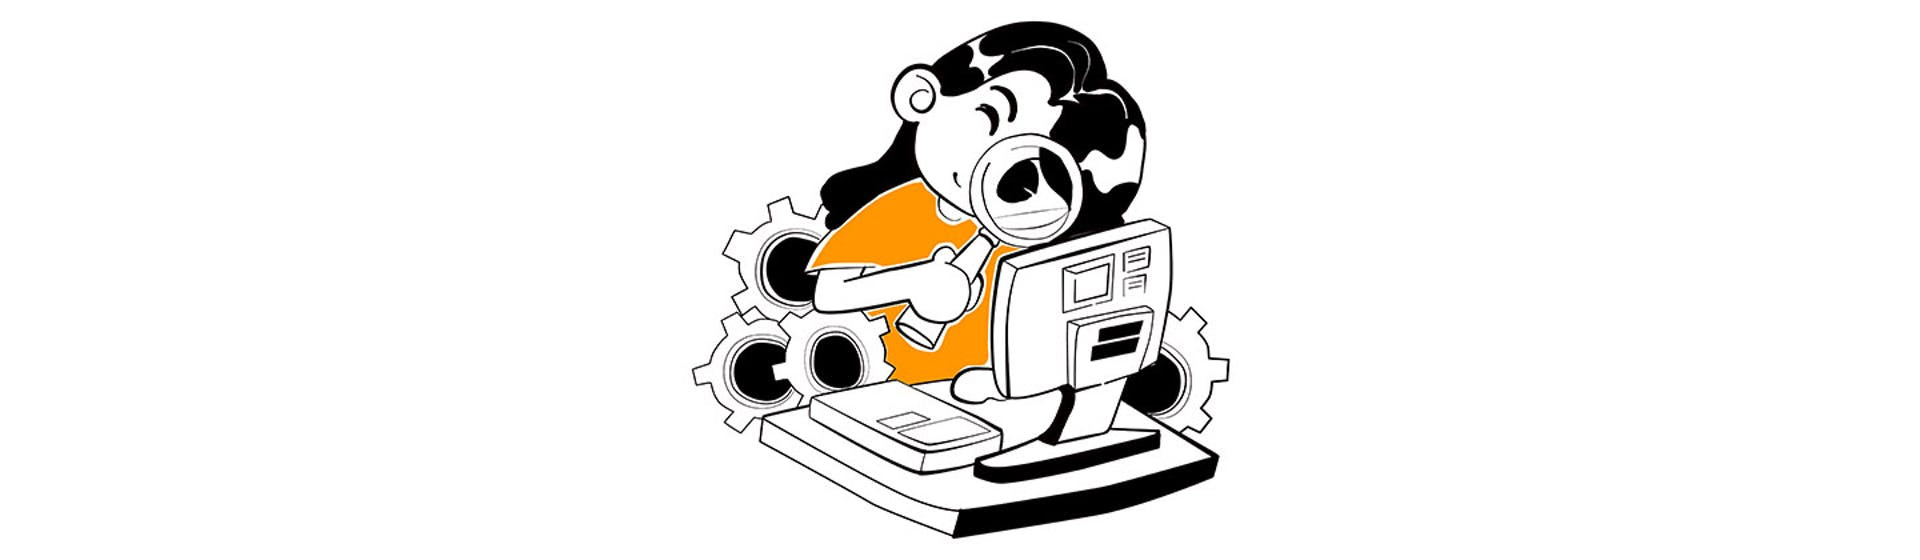 ¿Alguna vez pensaste cómo funciona un navegador web?